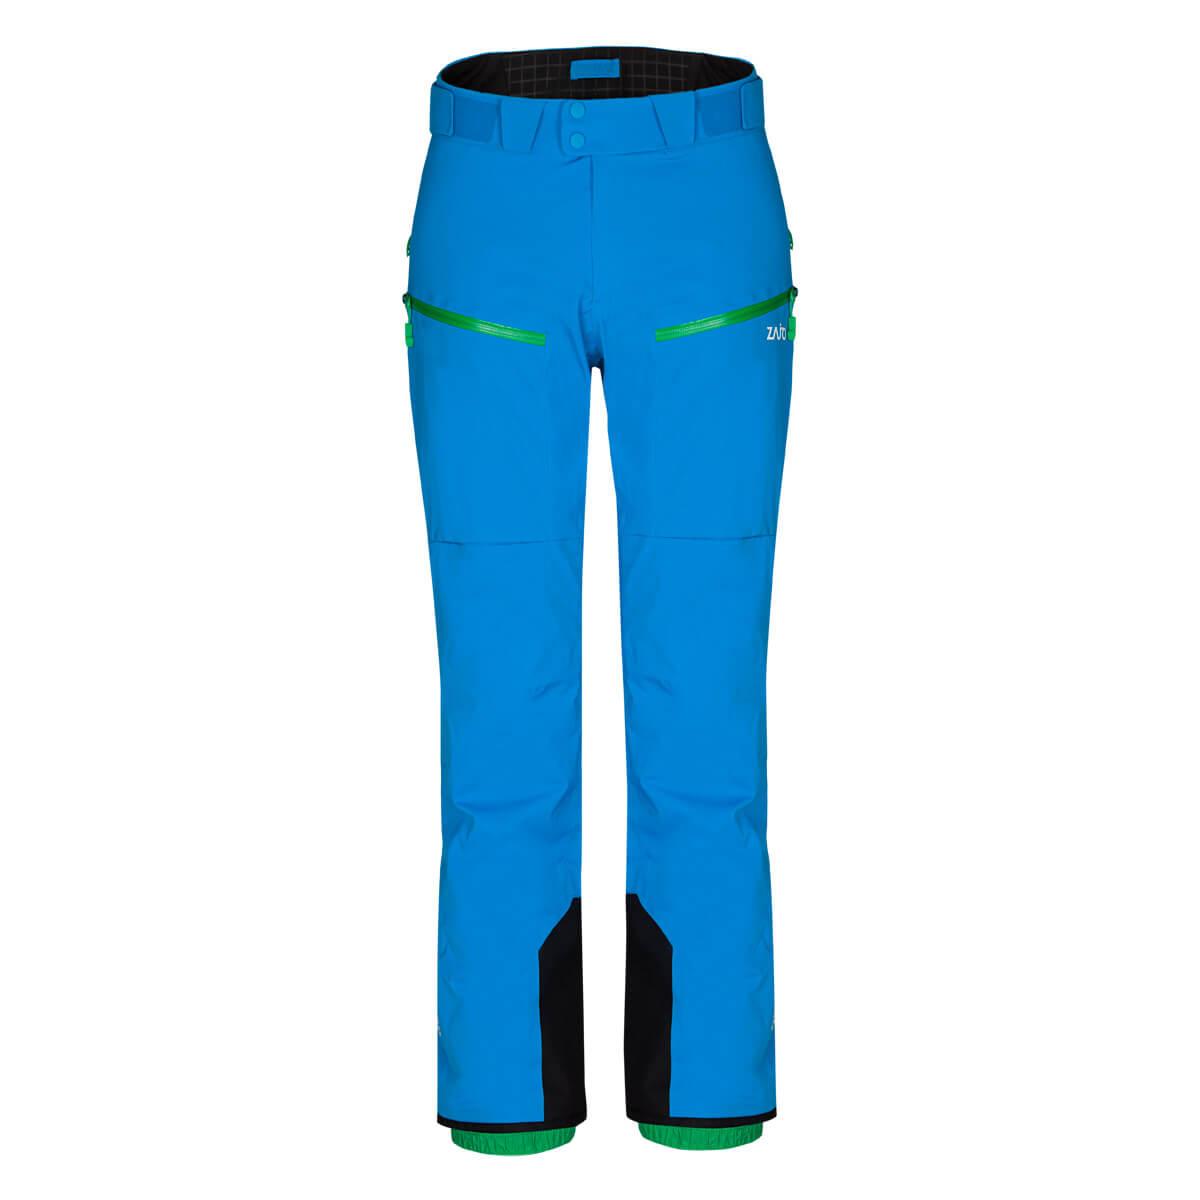 Pánske lyžiarske nohavice Zajo Nassfeld W Pants Blue Jewel - veľkosť M